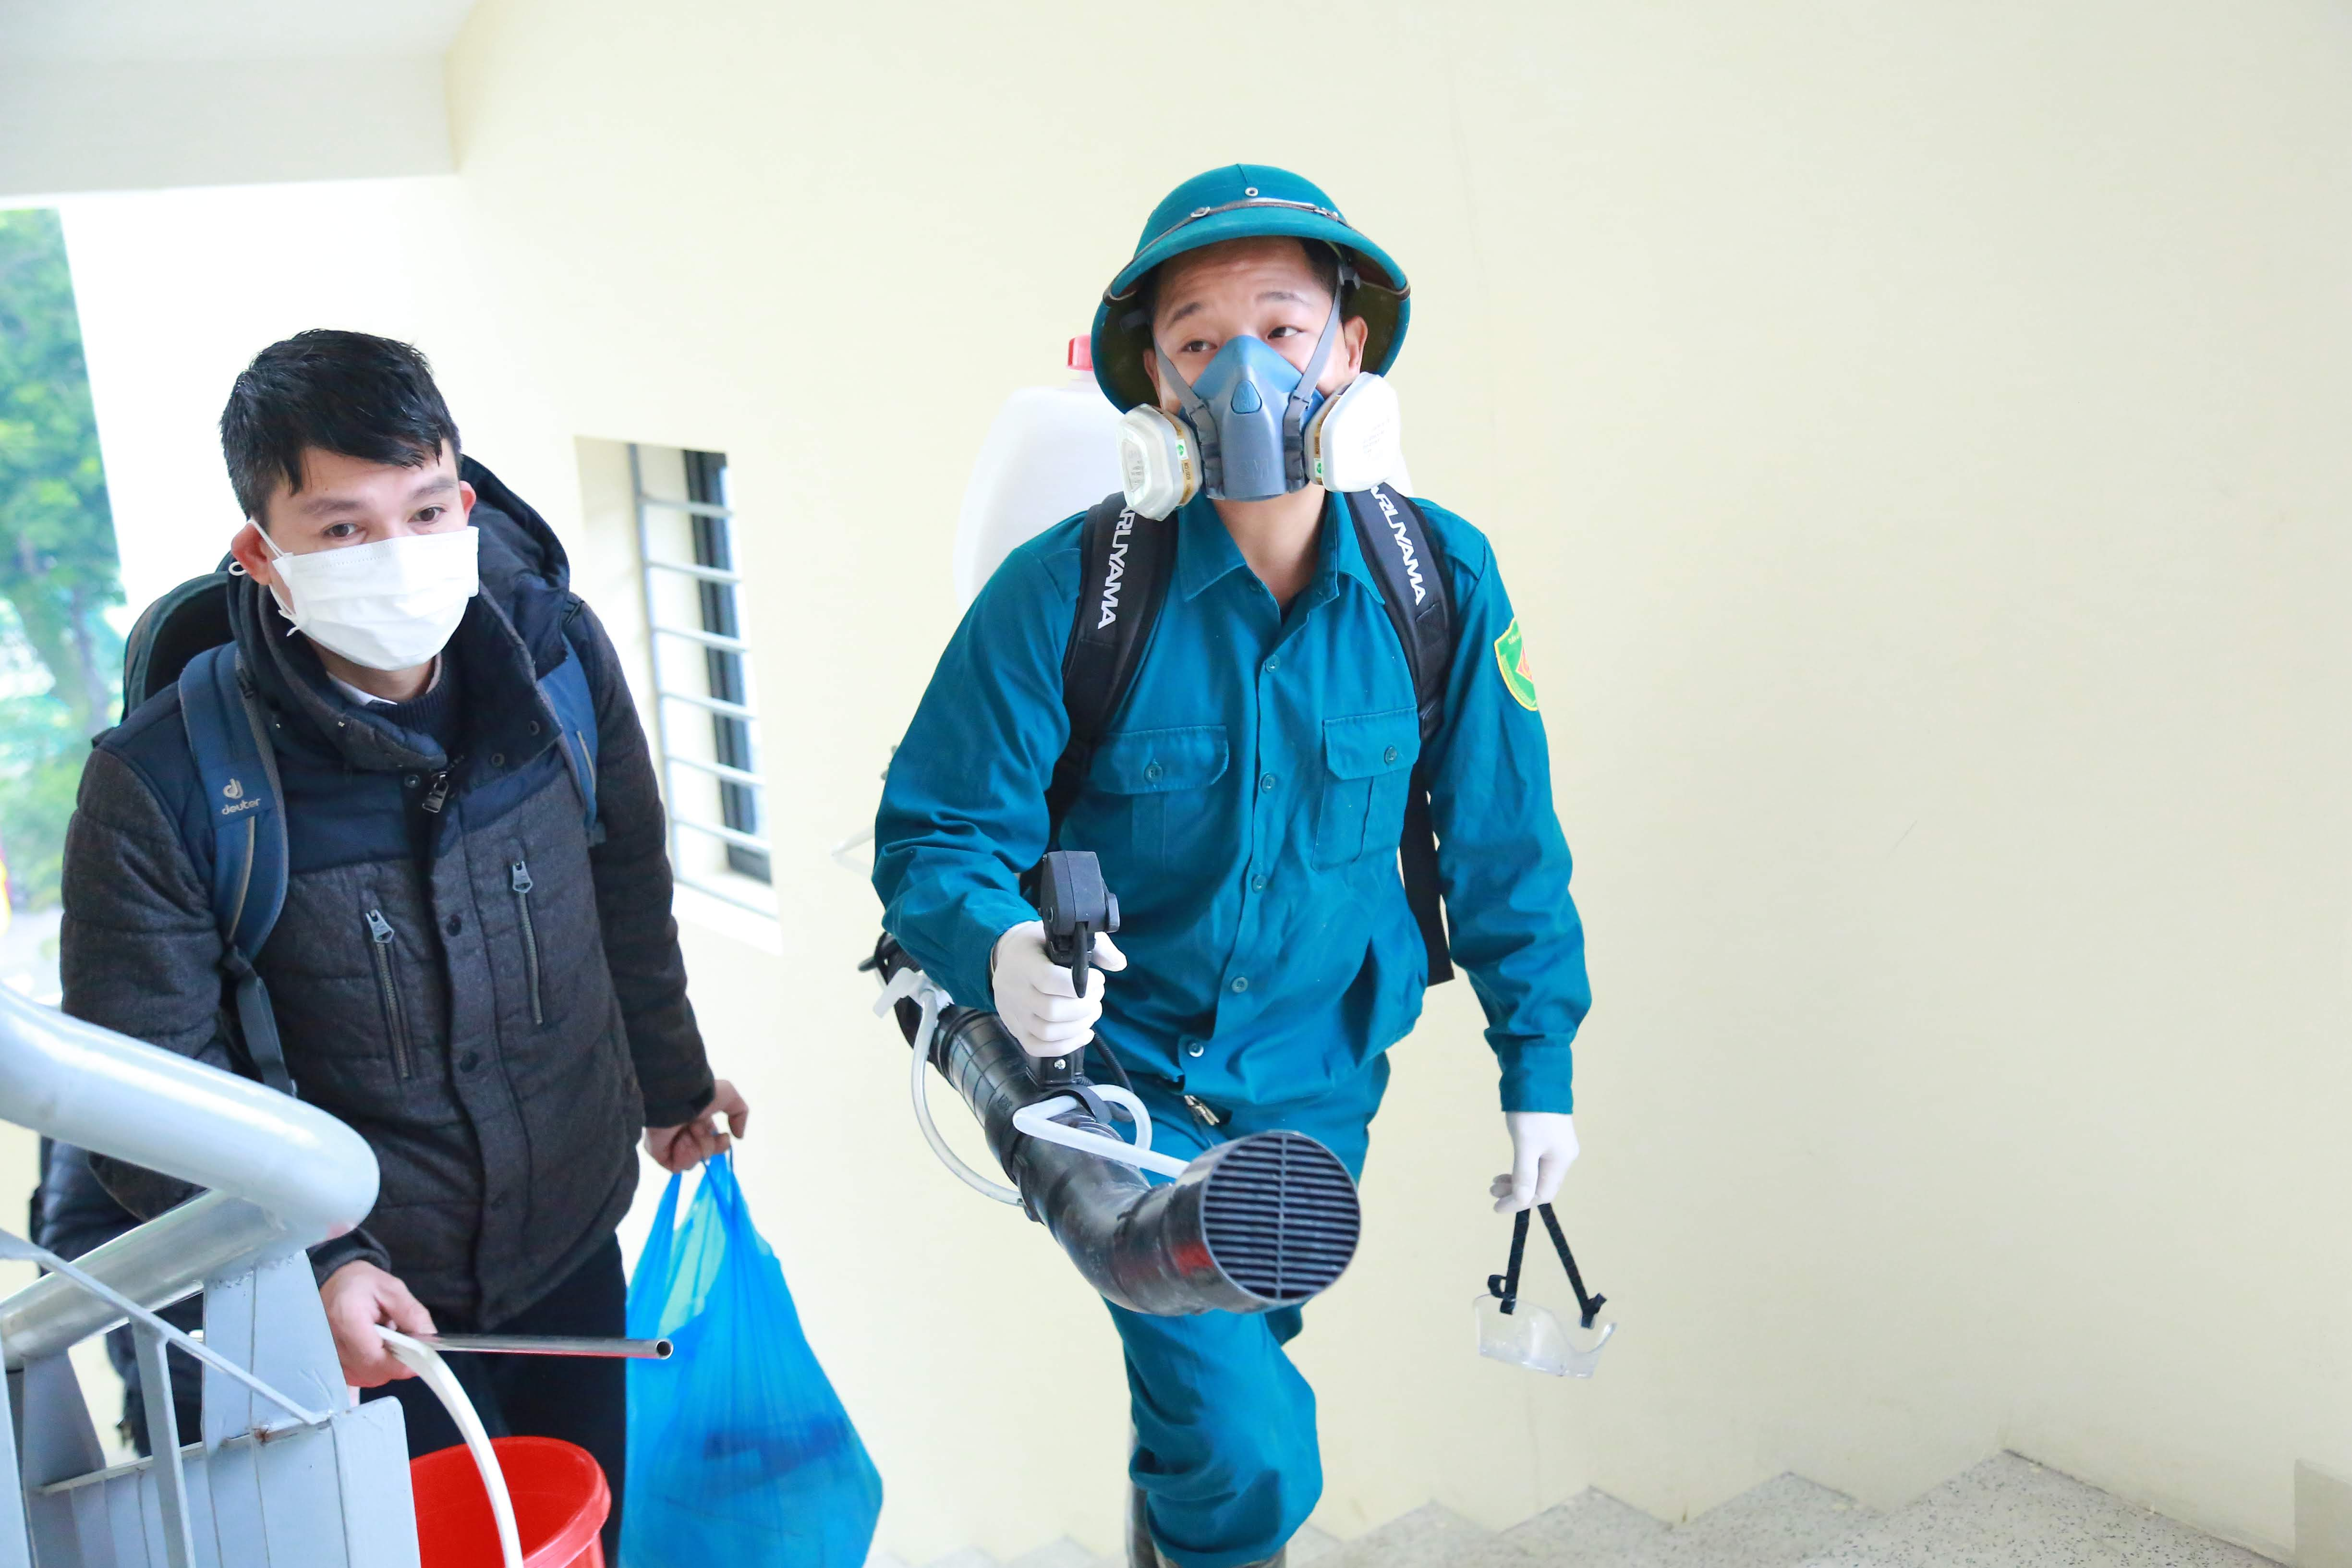 Thuốc khử trùng sẽ được phun ở tất cả các khu vực trong trường học như hành lang, lớp học, nhà vệ sinh...